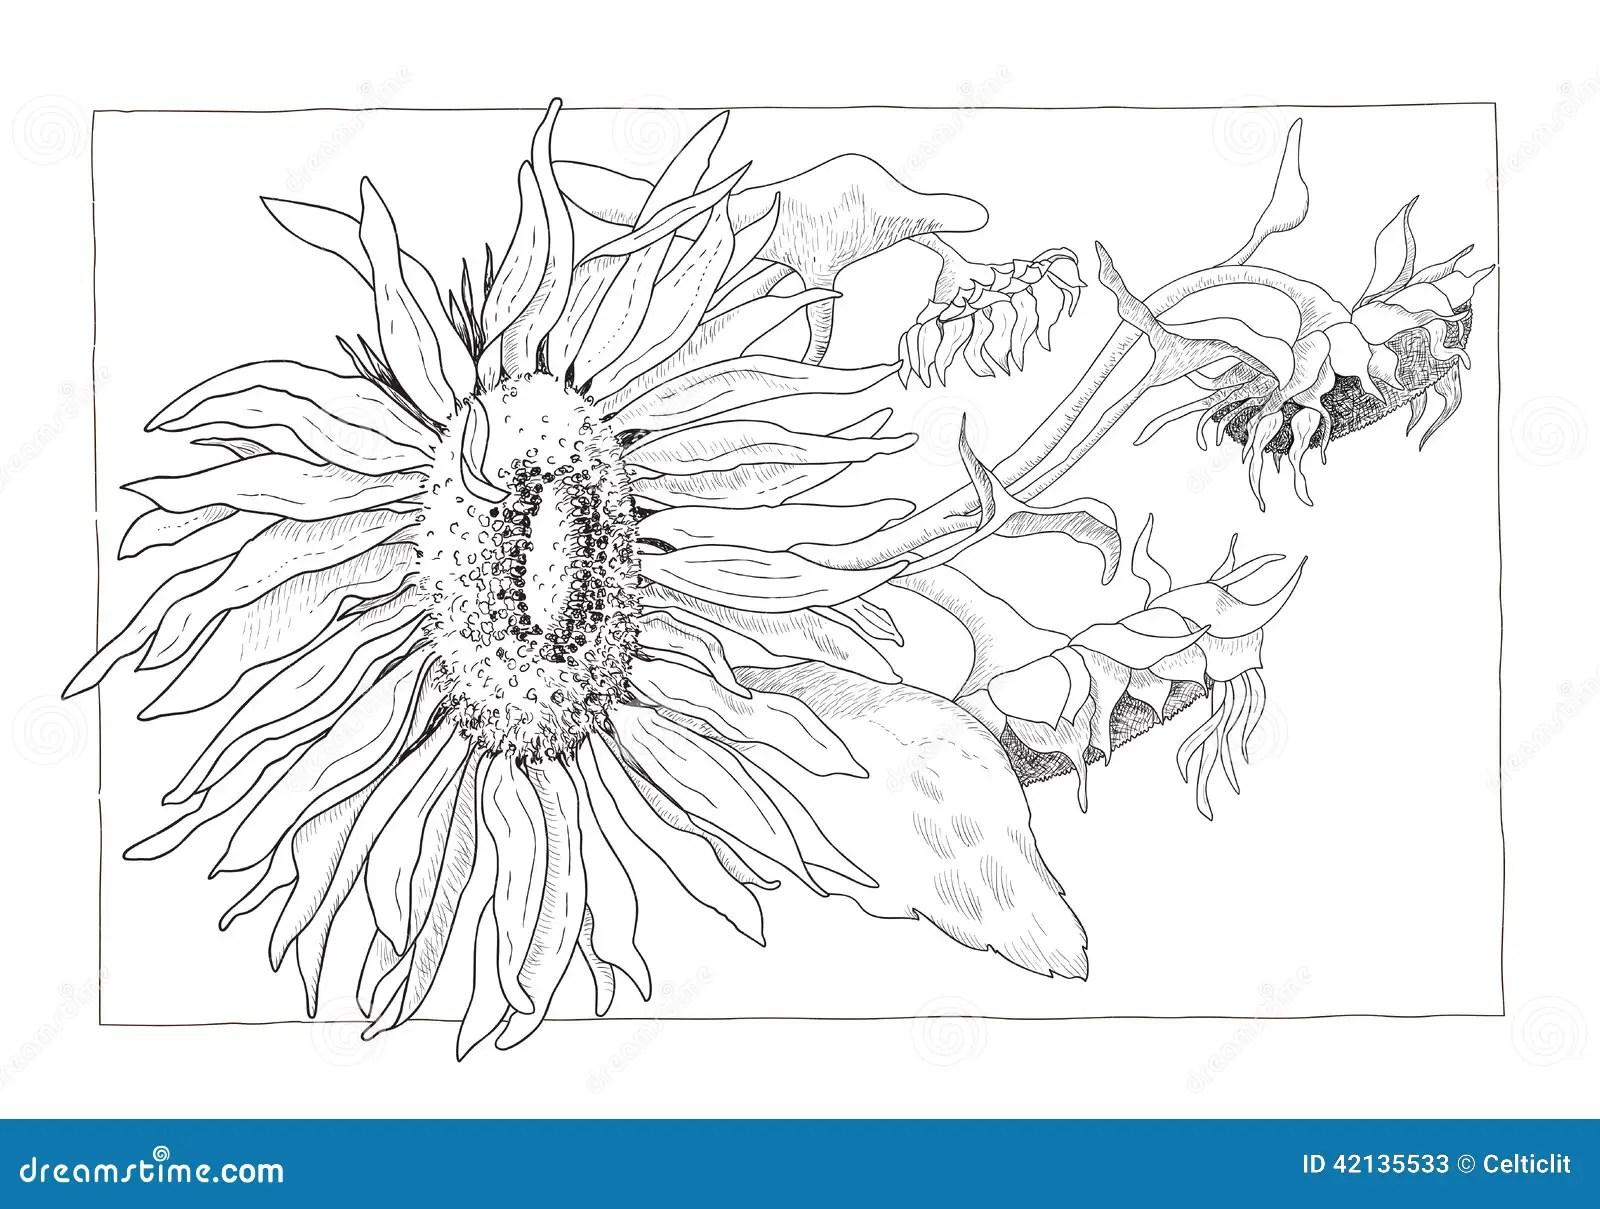 Sunflower Illustration In Black And White Stock Vector